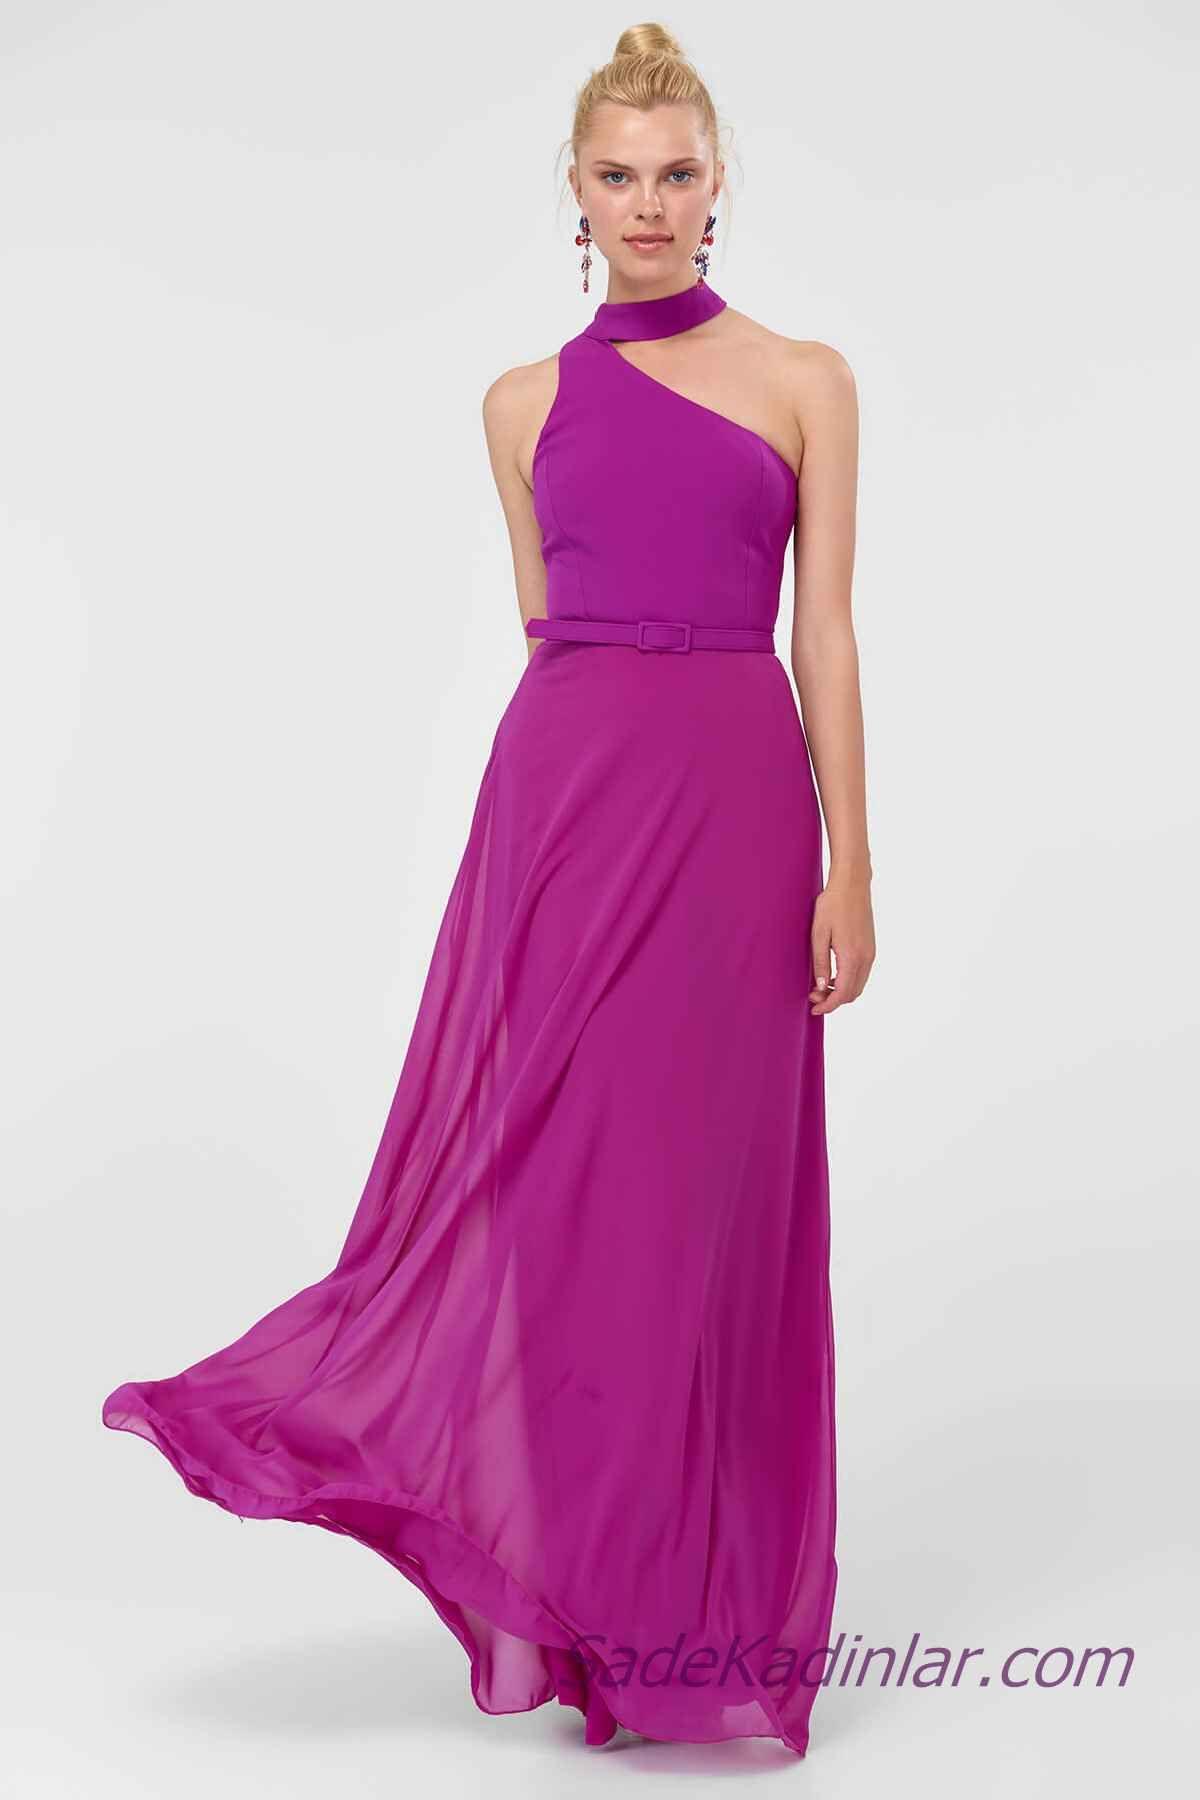 2021 Abiye Elbise Modelleri Mor Uzun Yakali Omzu Acik Kemer Detayli Elbise Modelleri Elbise Moda Stilleri